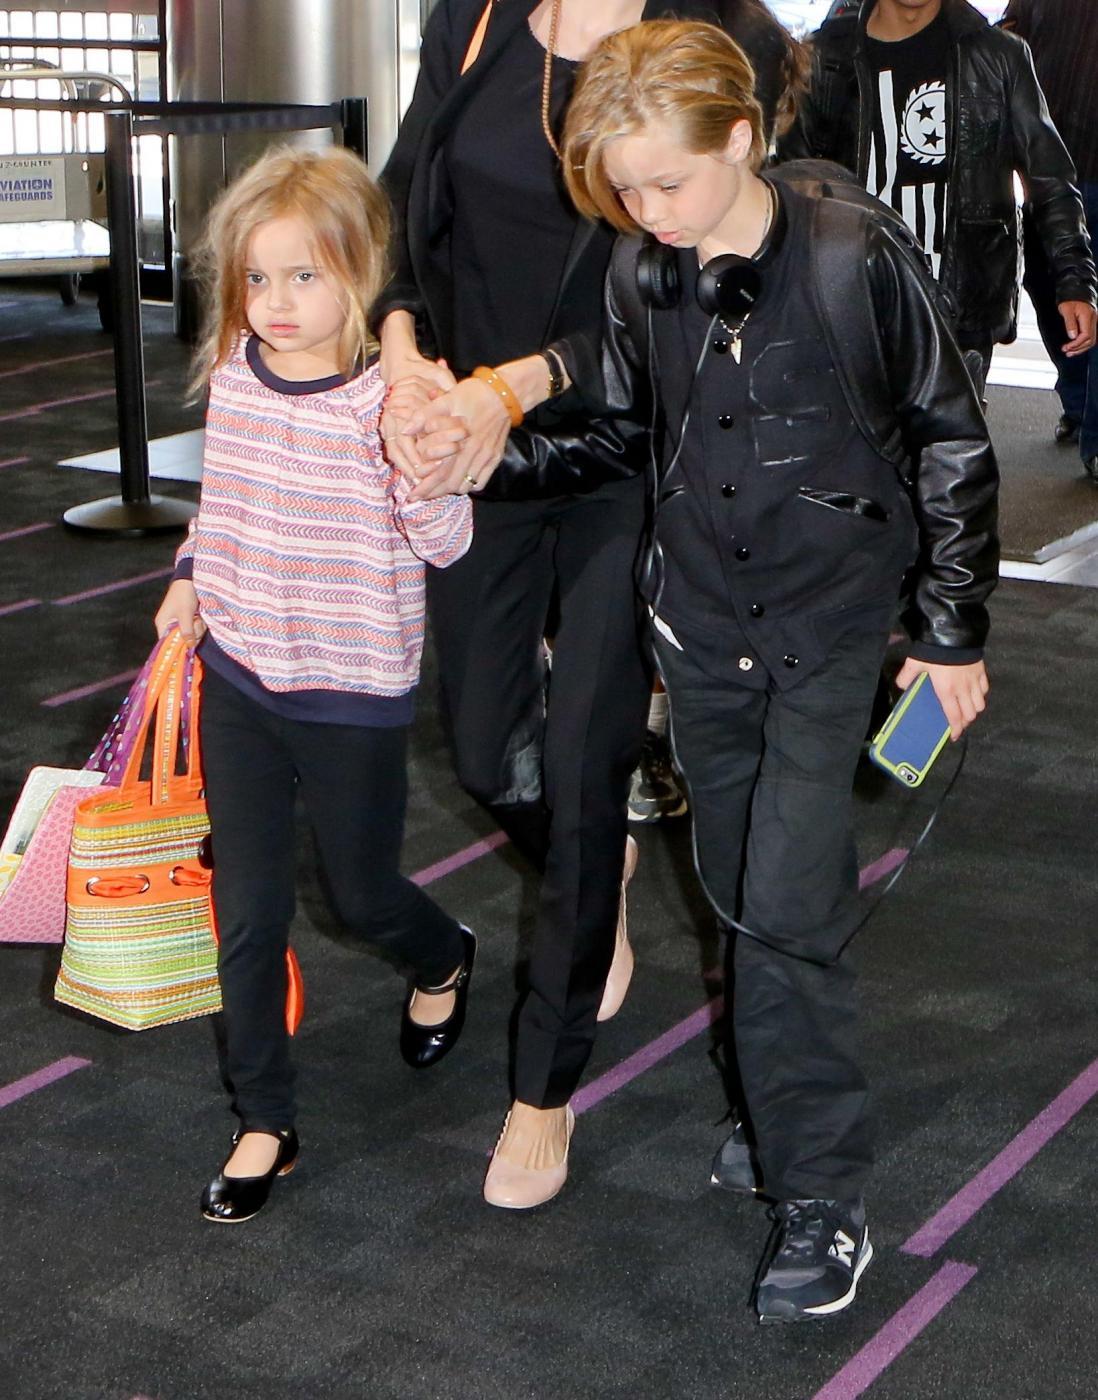 Angelina Jolie e Brad Pitt all'aeroporto con i figli FOTO 20